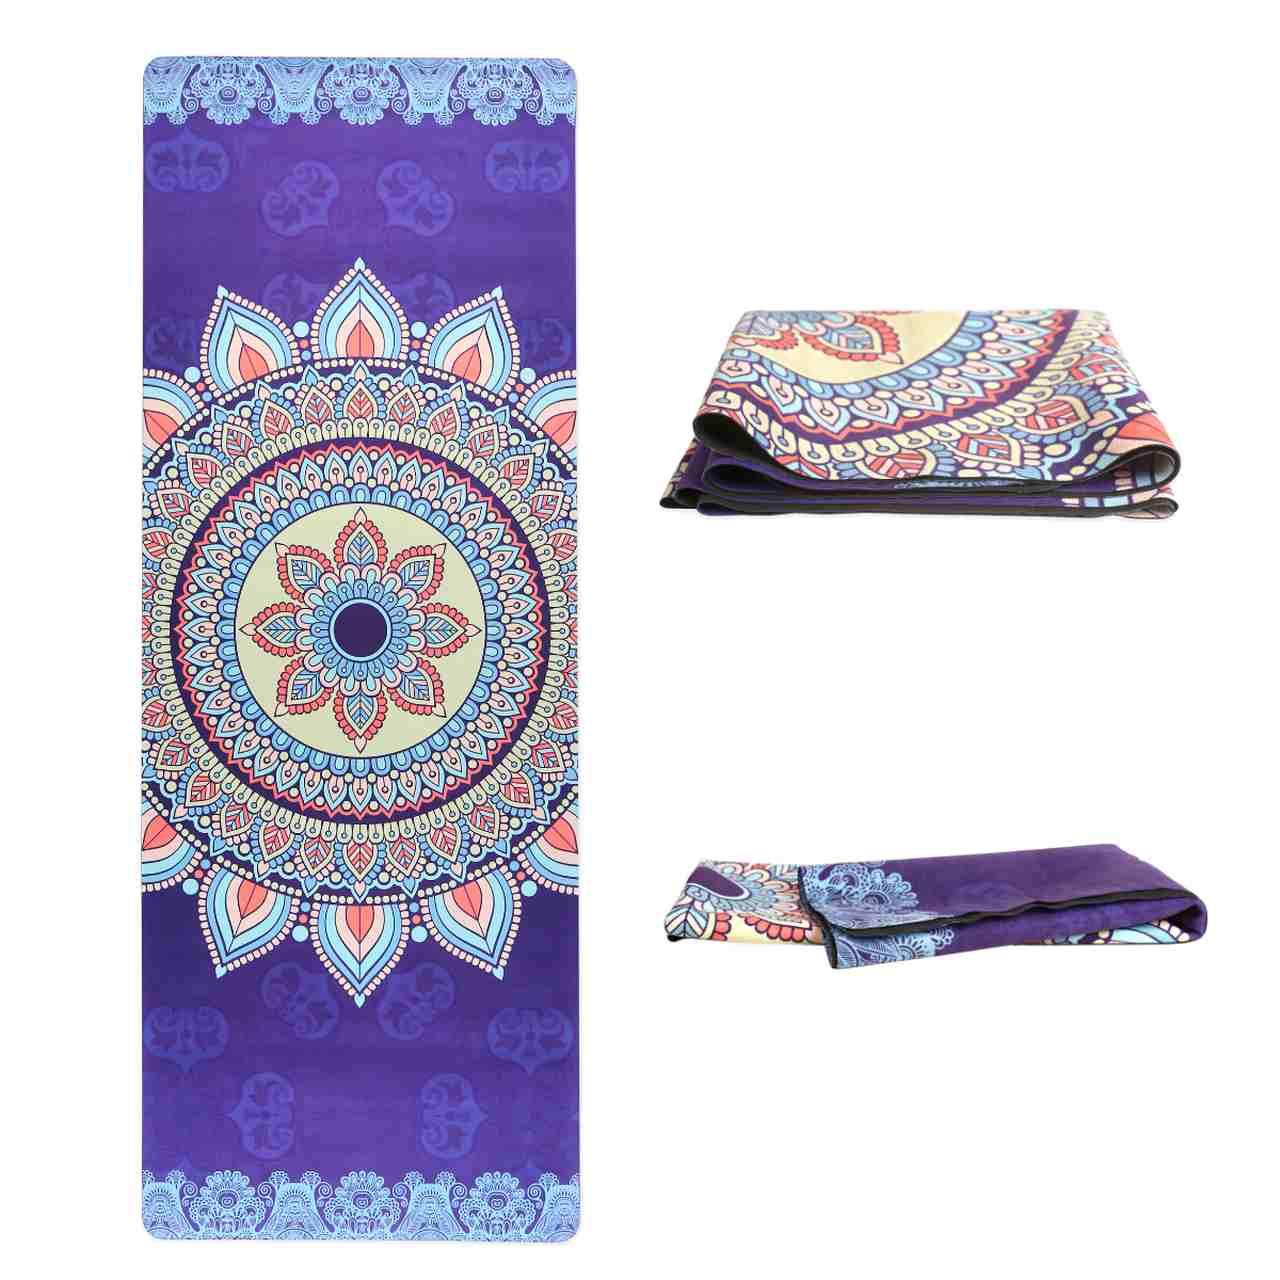 Tapete Yoga Dobrável Viagem Mandala Harmonia - Aveludado + Borracha Natural 1,5mm